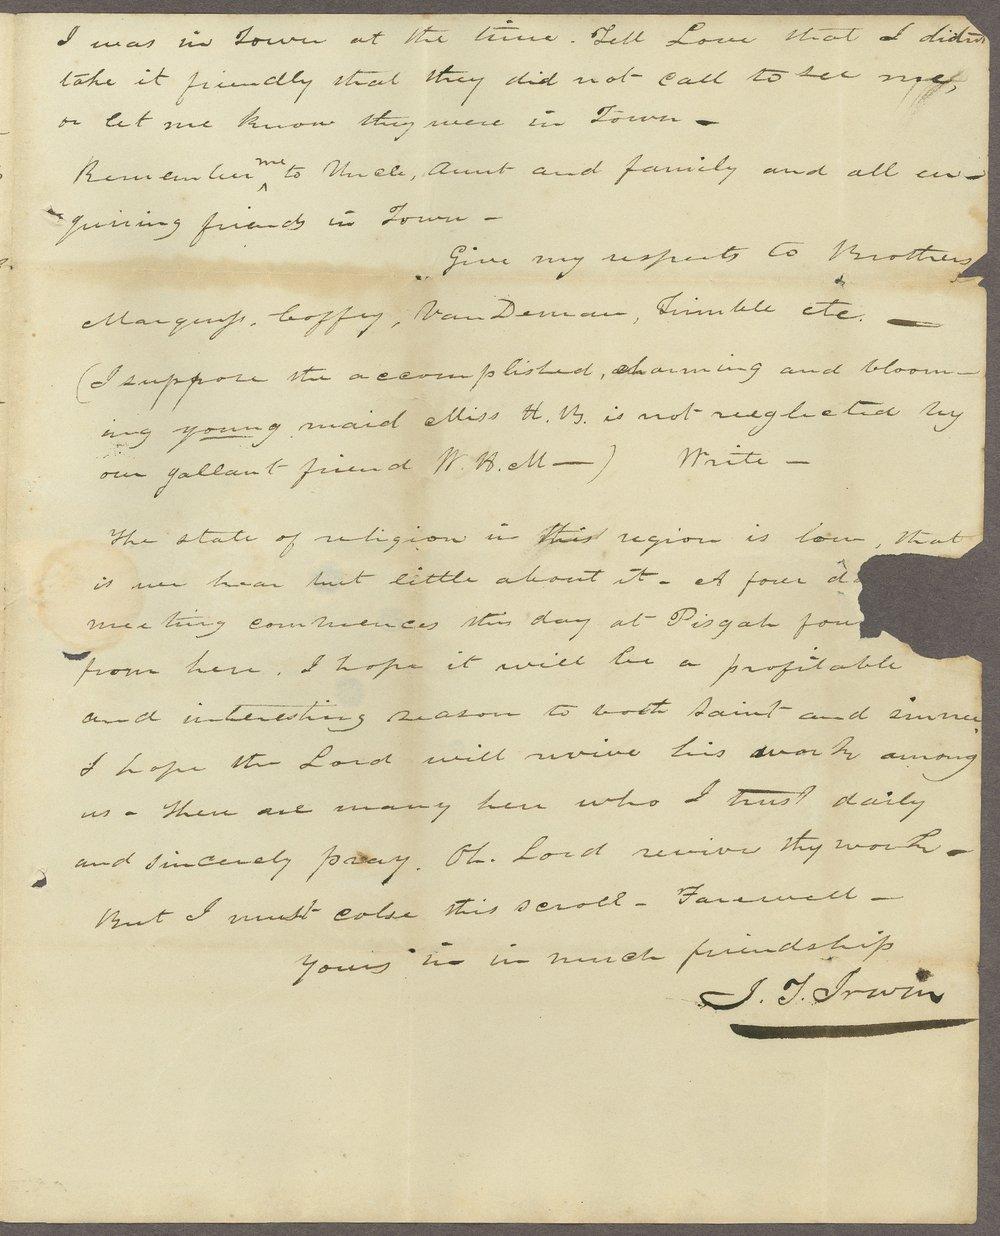 I. T. Irwin to Lewis Allen Alderson - 3